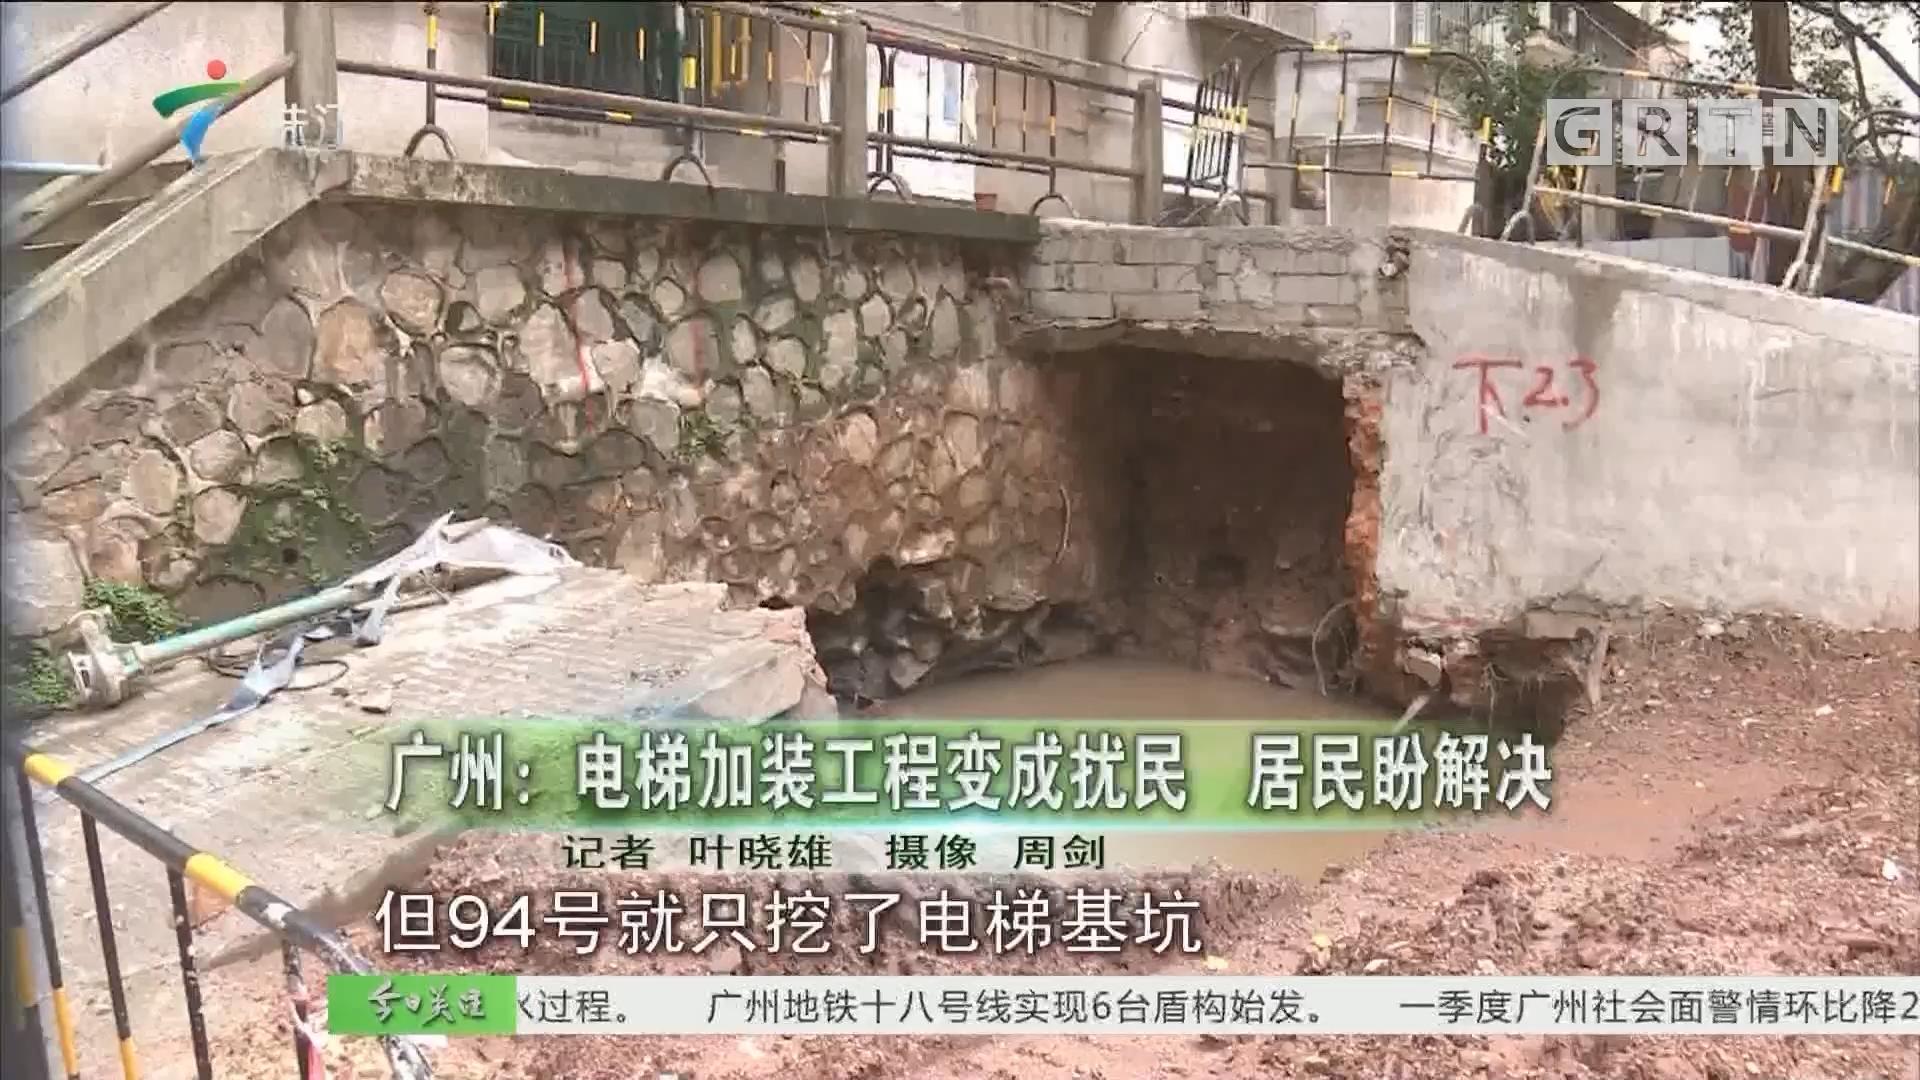 广州:电梯加装工程变成扰民 居民盼解决